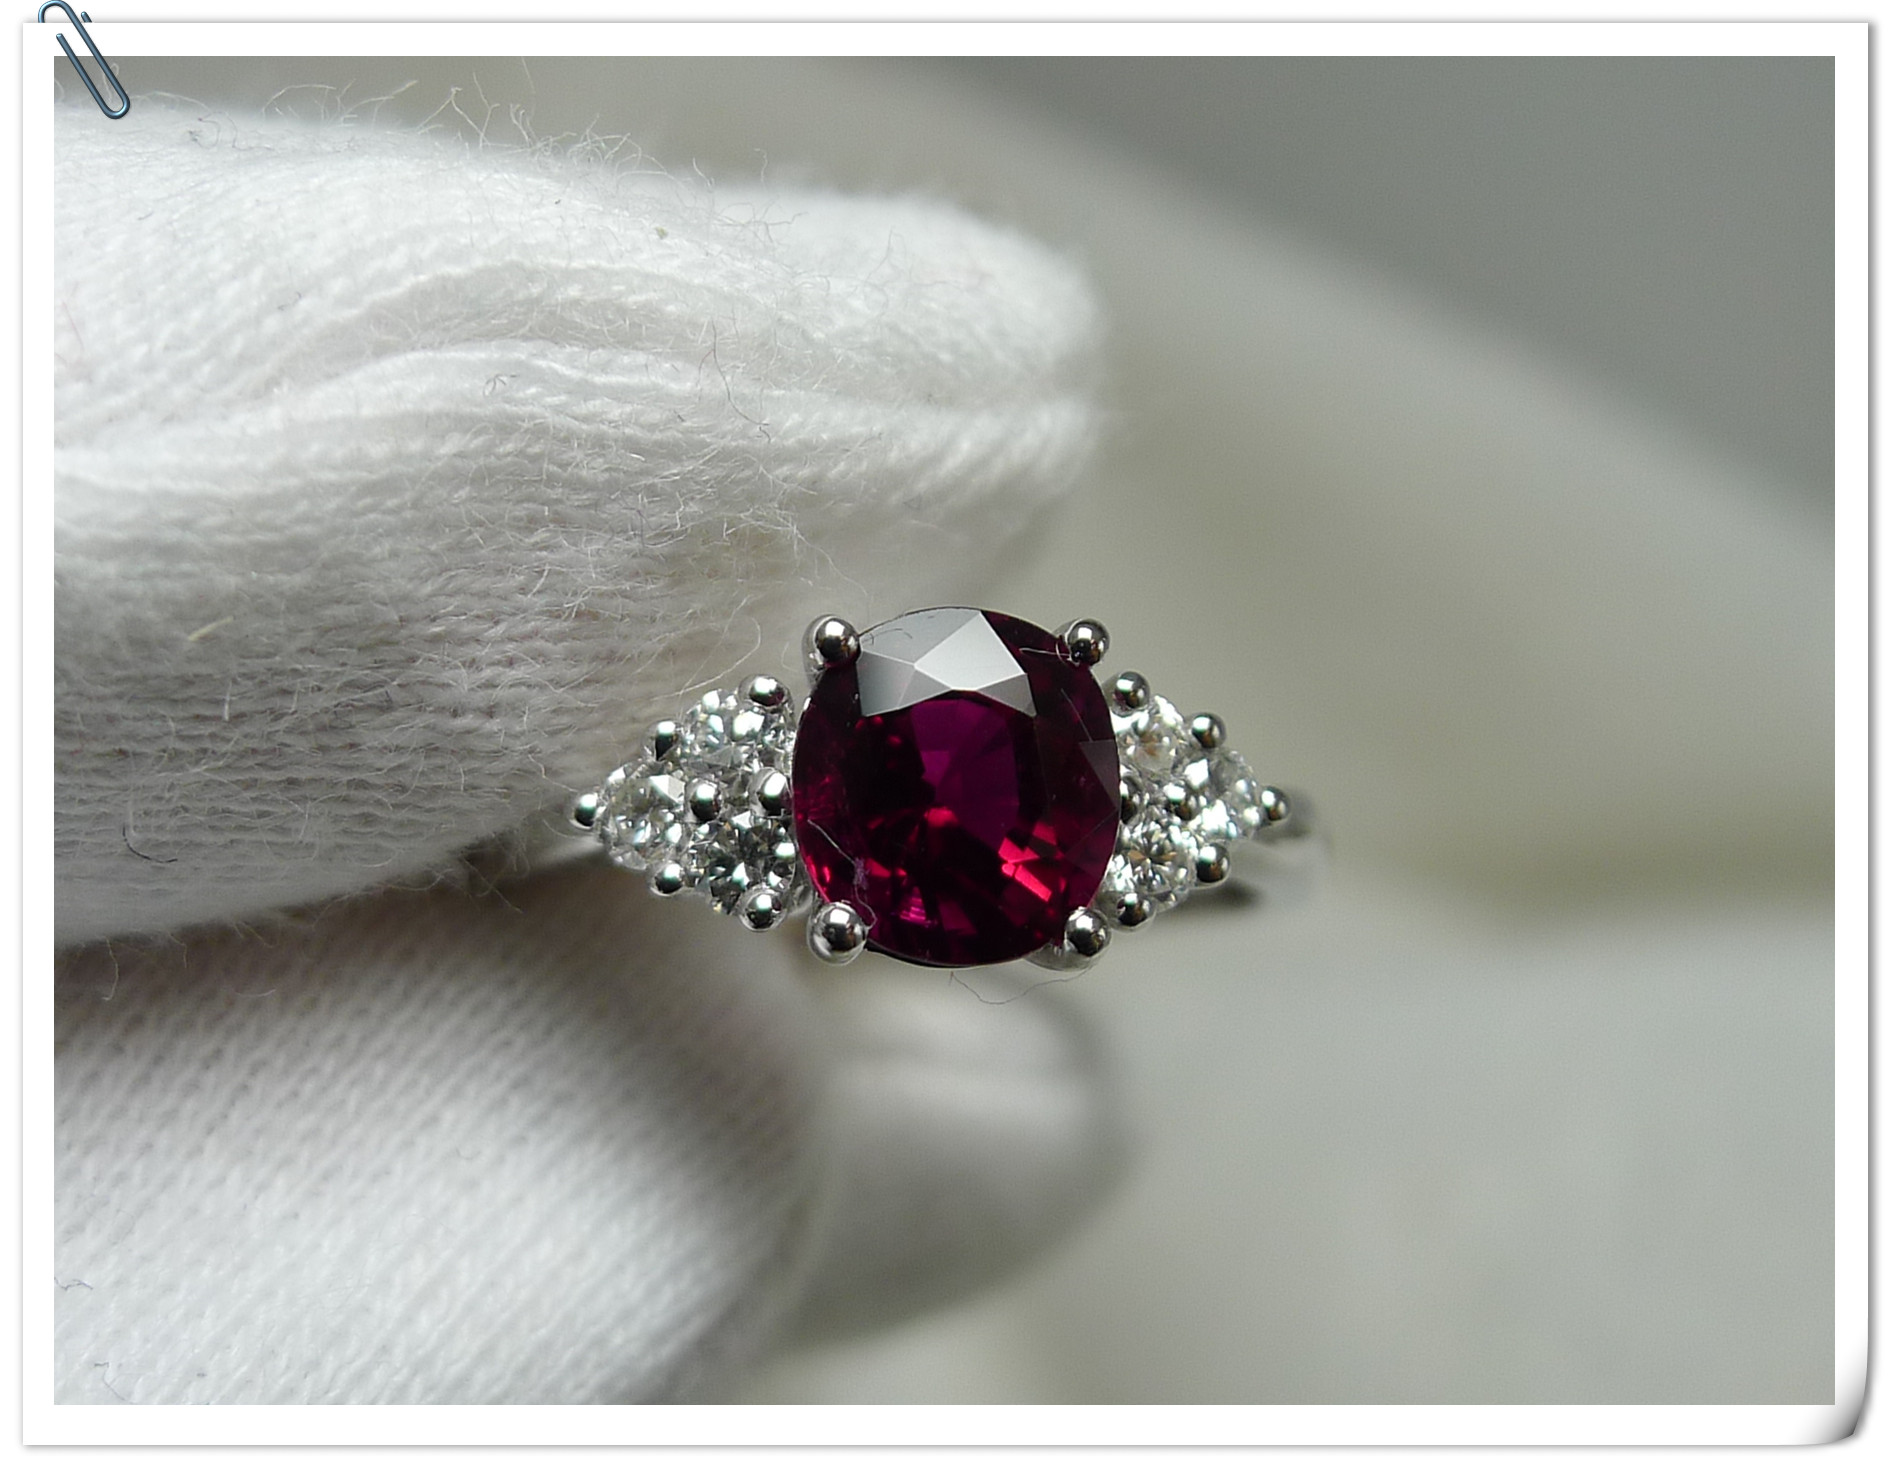 Драгоценные, Полудрагоценные камни Цвет рубиново красный турмалин кольцо большой классический 18K Золото инкрустация конец оплаты ссылка